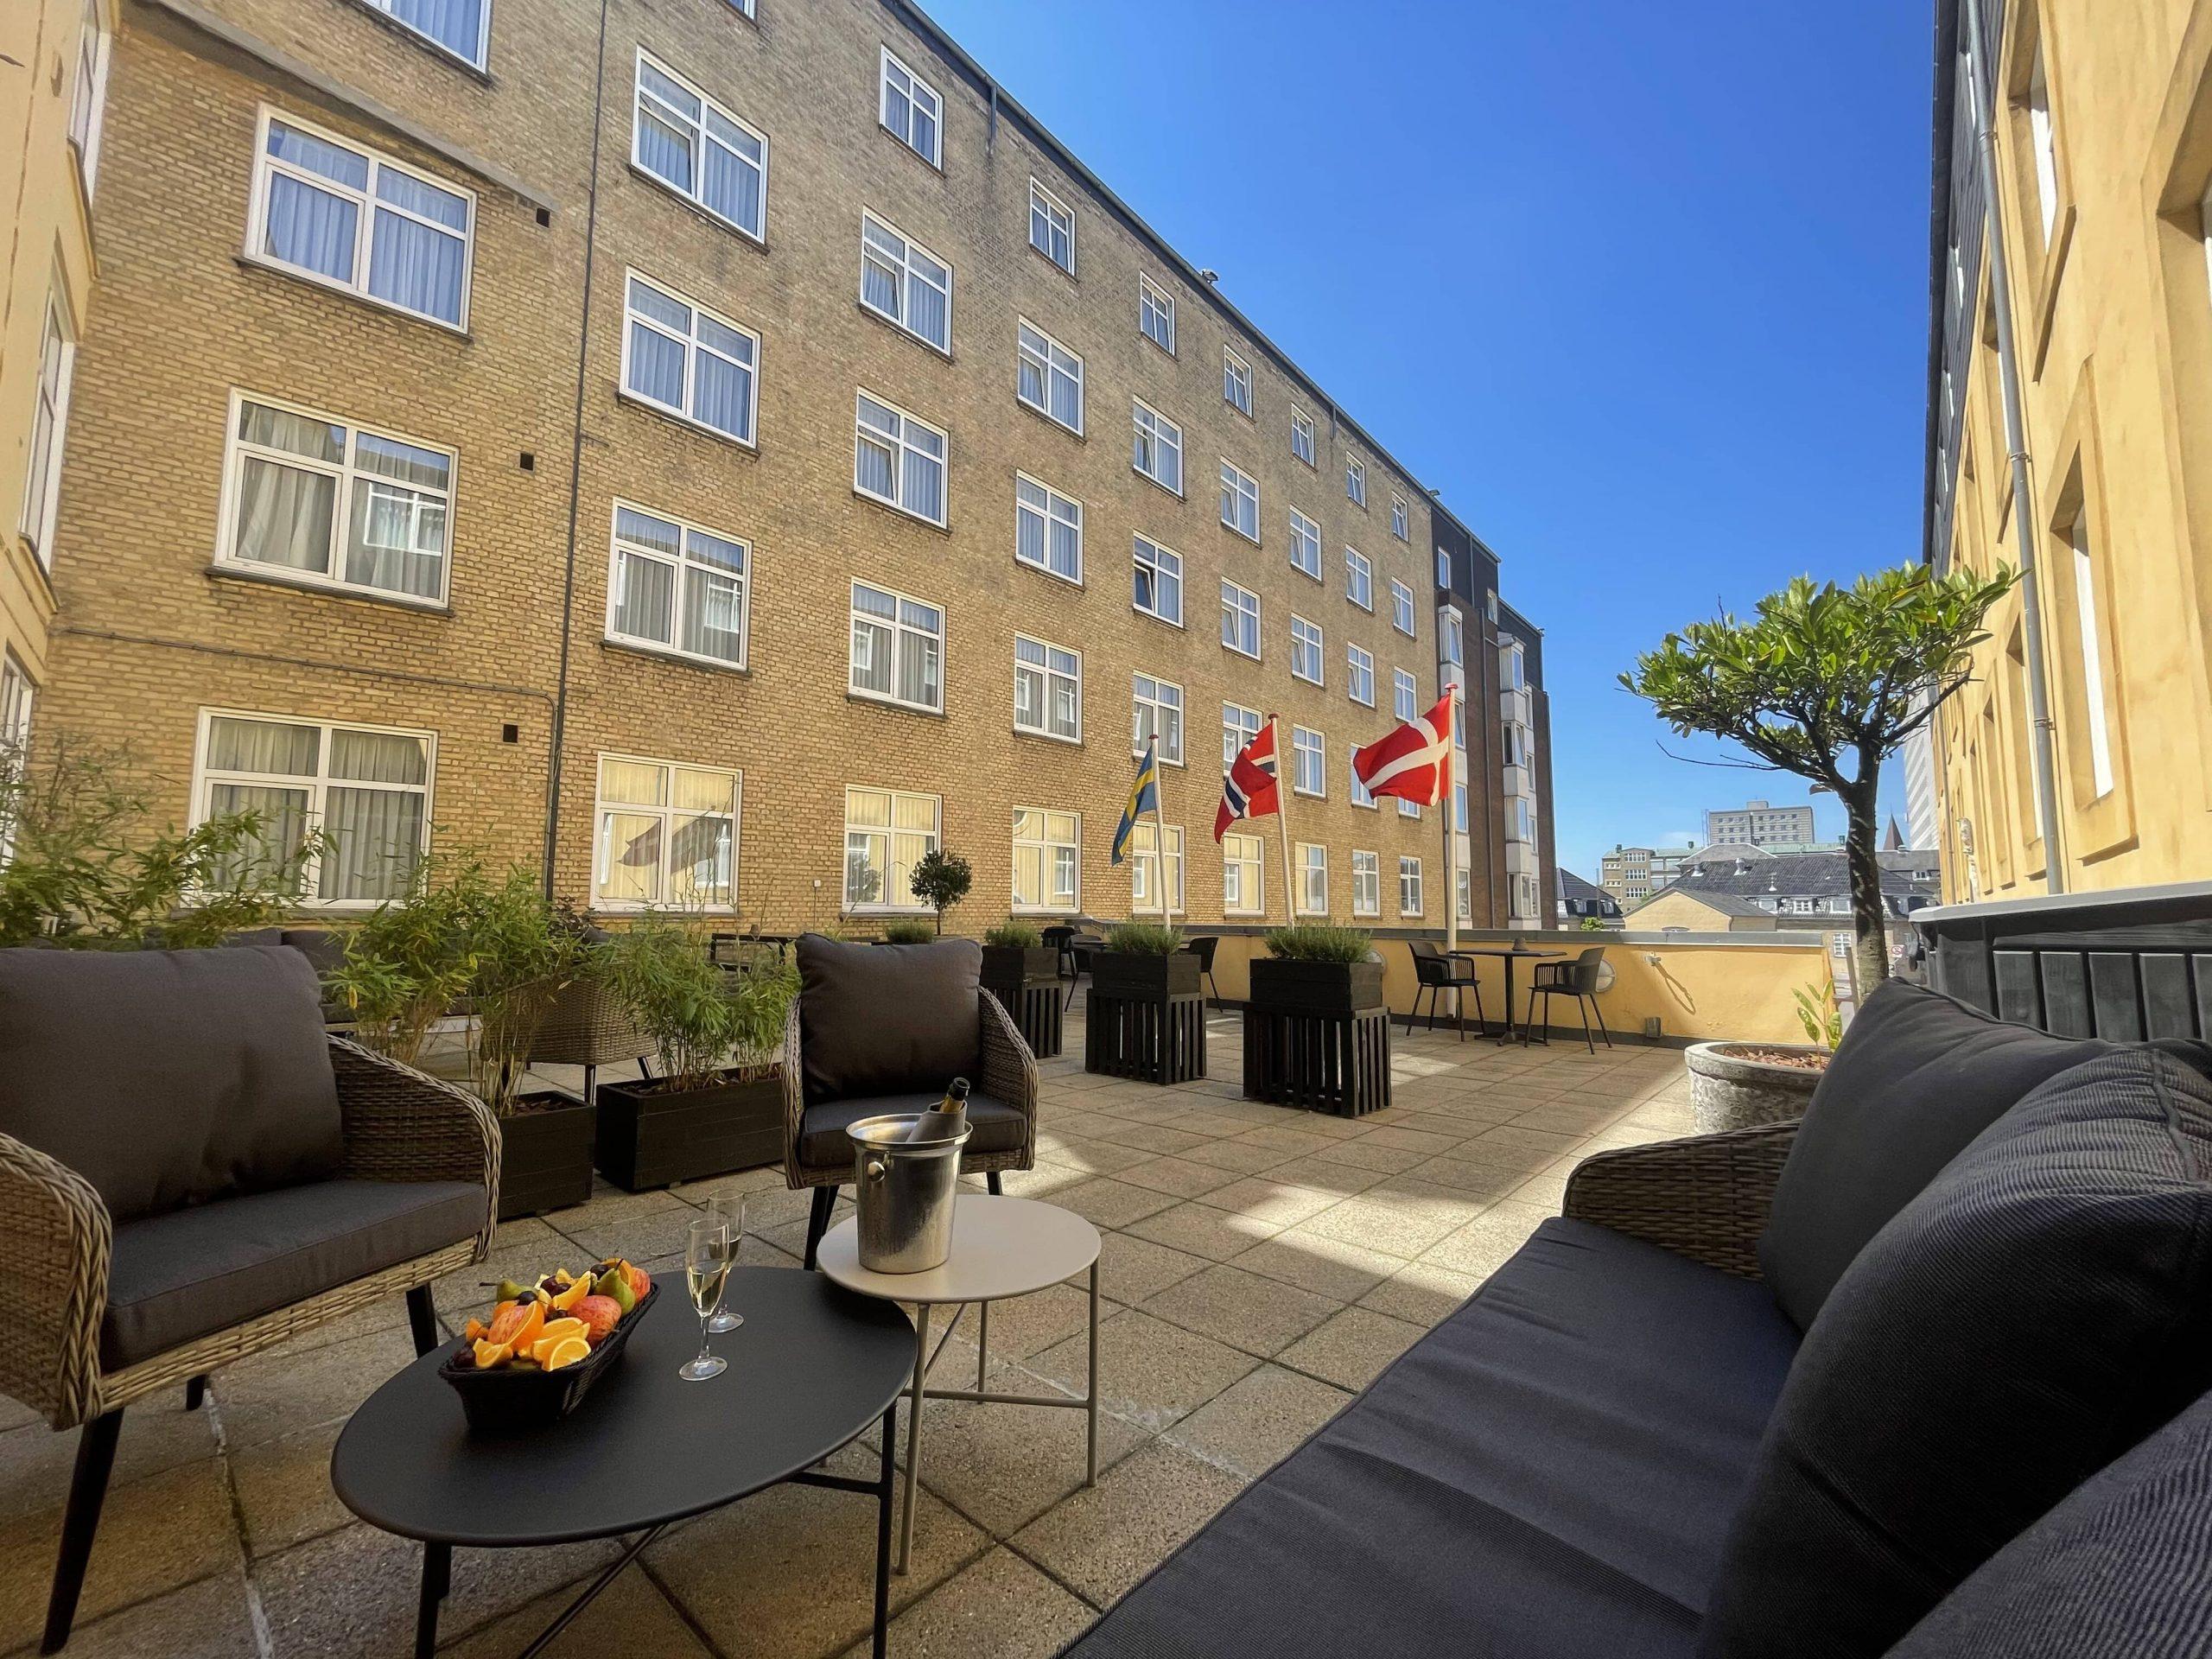 Henter kendt profil: Ny direktør præsenteret på Helnan Phønix Hotel